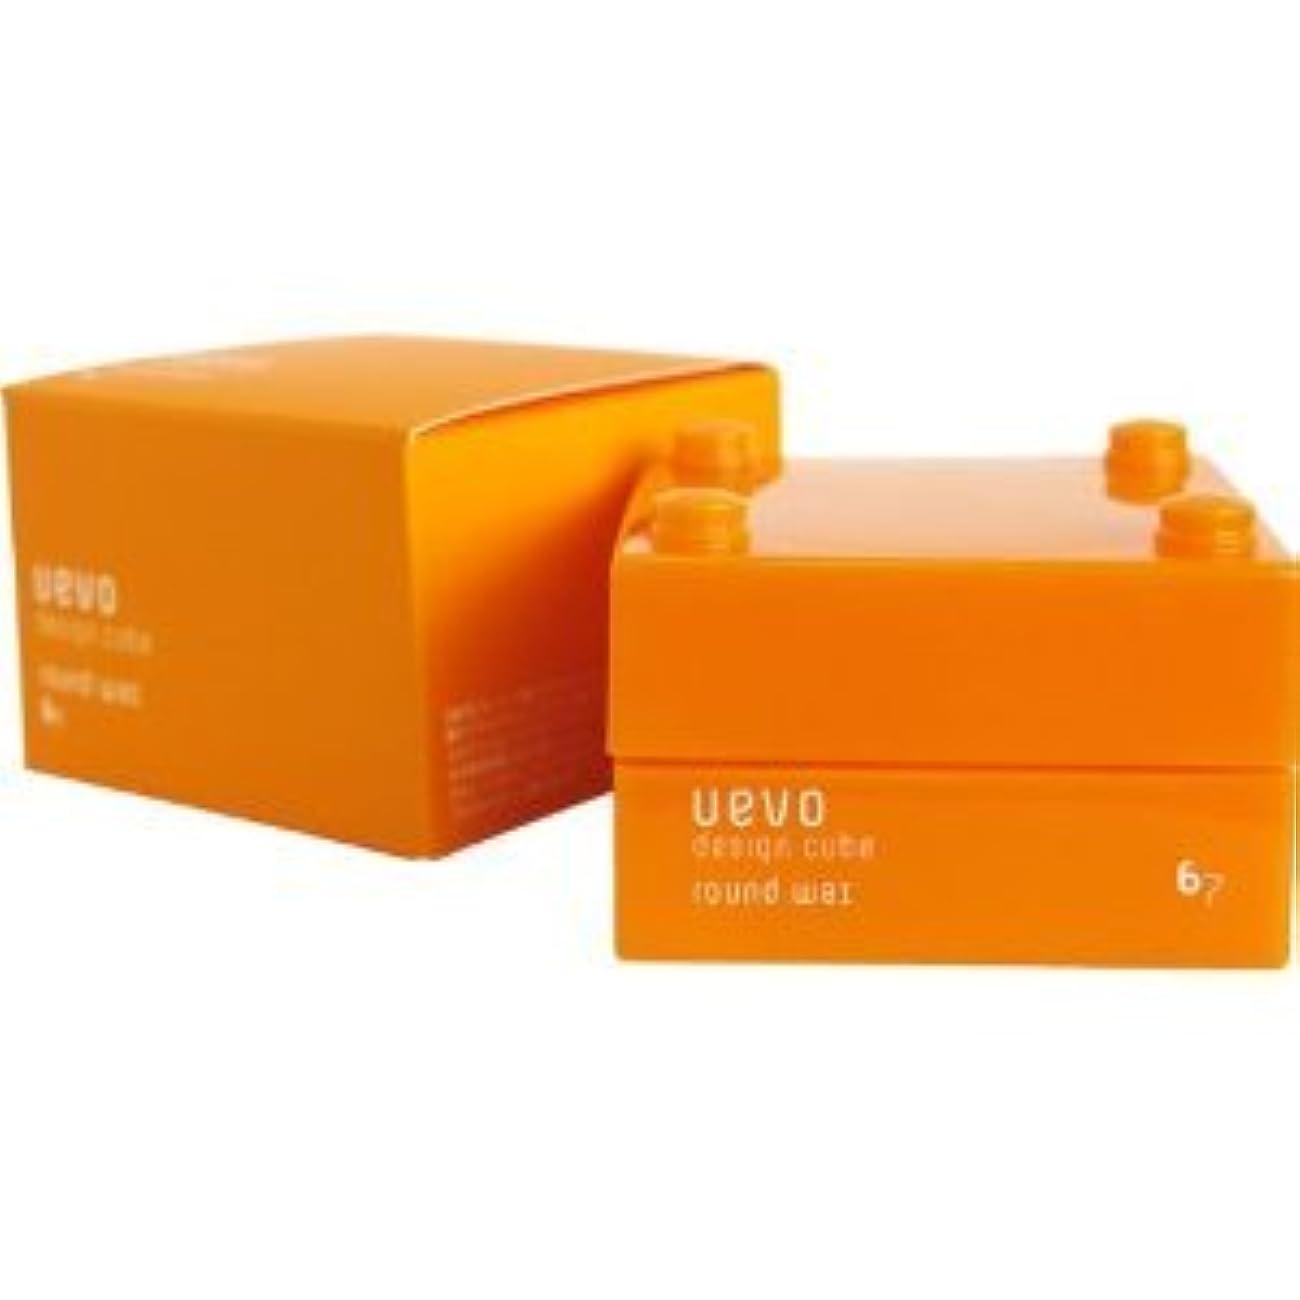 転倒お気に入り敏感な【X3個セット】 デミ ウェーボ デザインキューブ ラウンドワックス 30g round wax DEMI uevo design cube